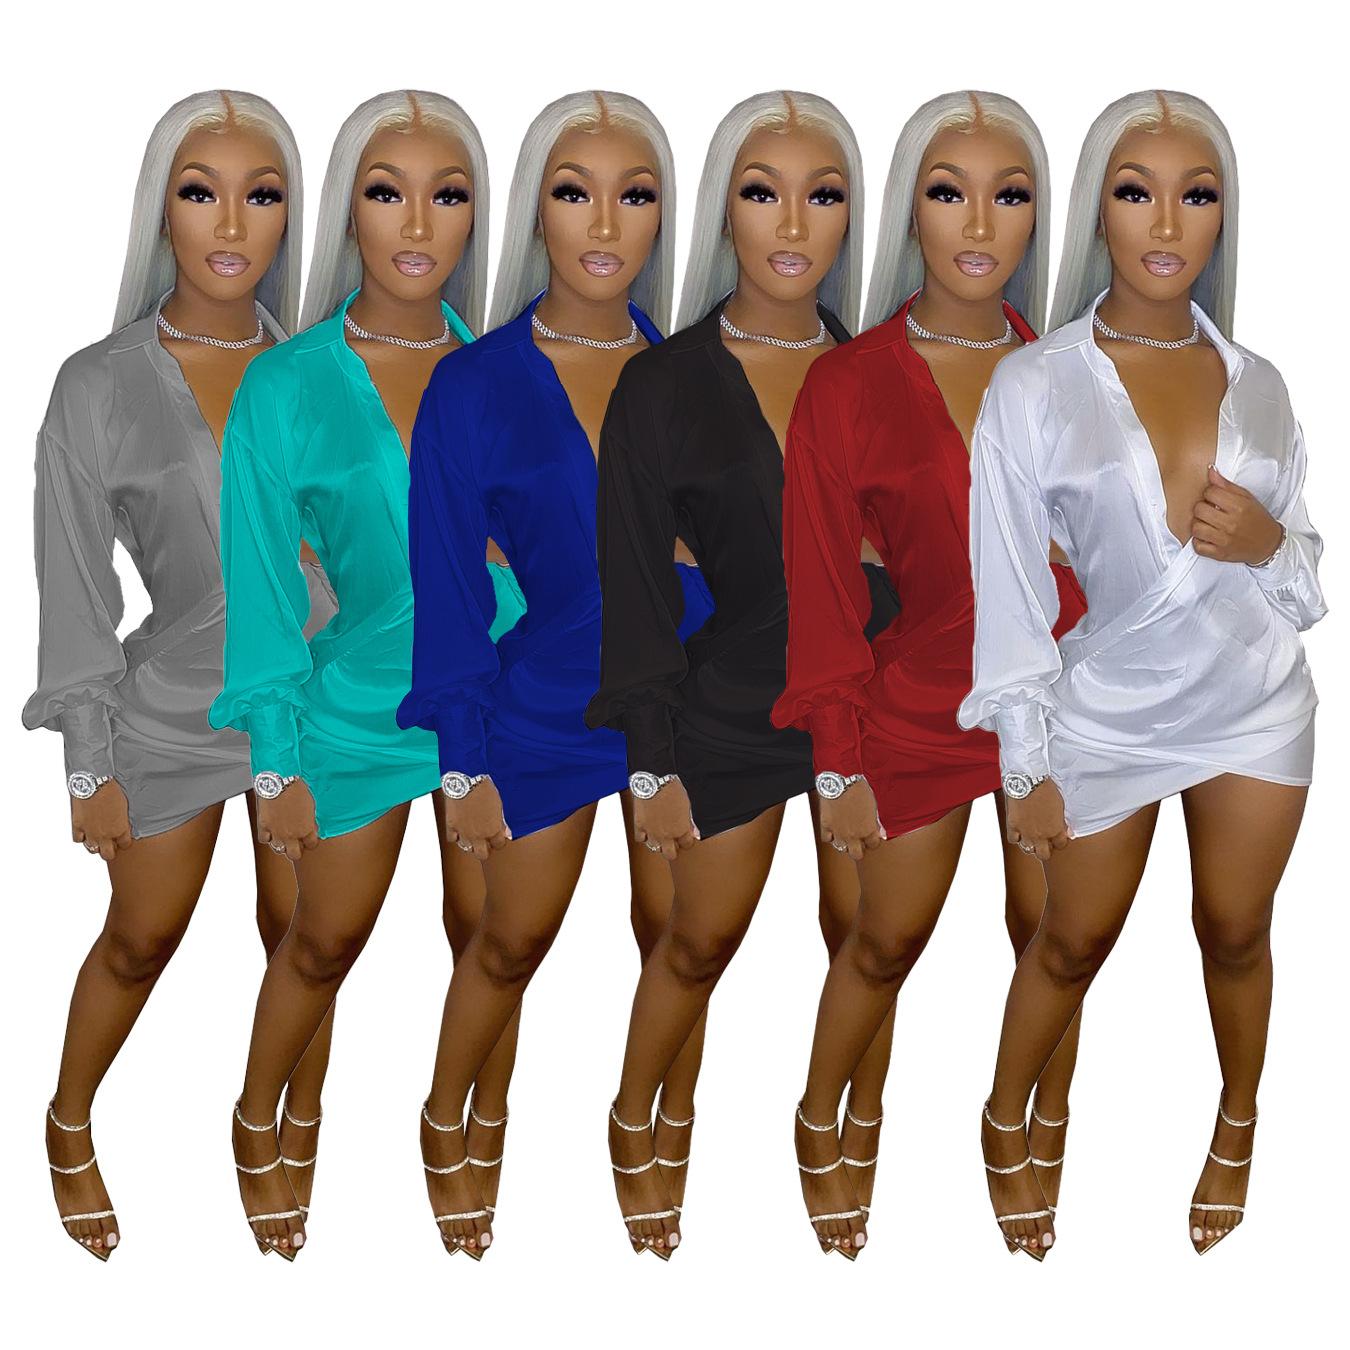 A5225 跨境2021 亚马逊欧美女装 性感夜店深V低胸礼服油丁连衣裙